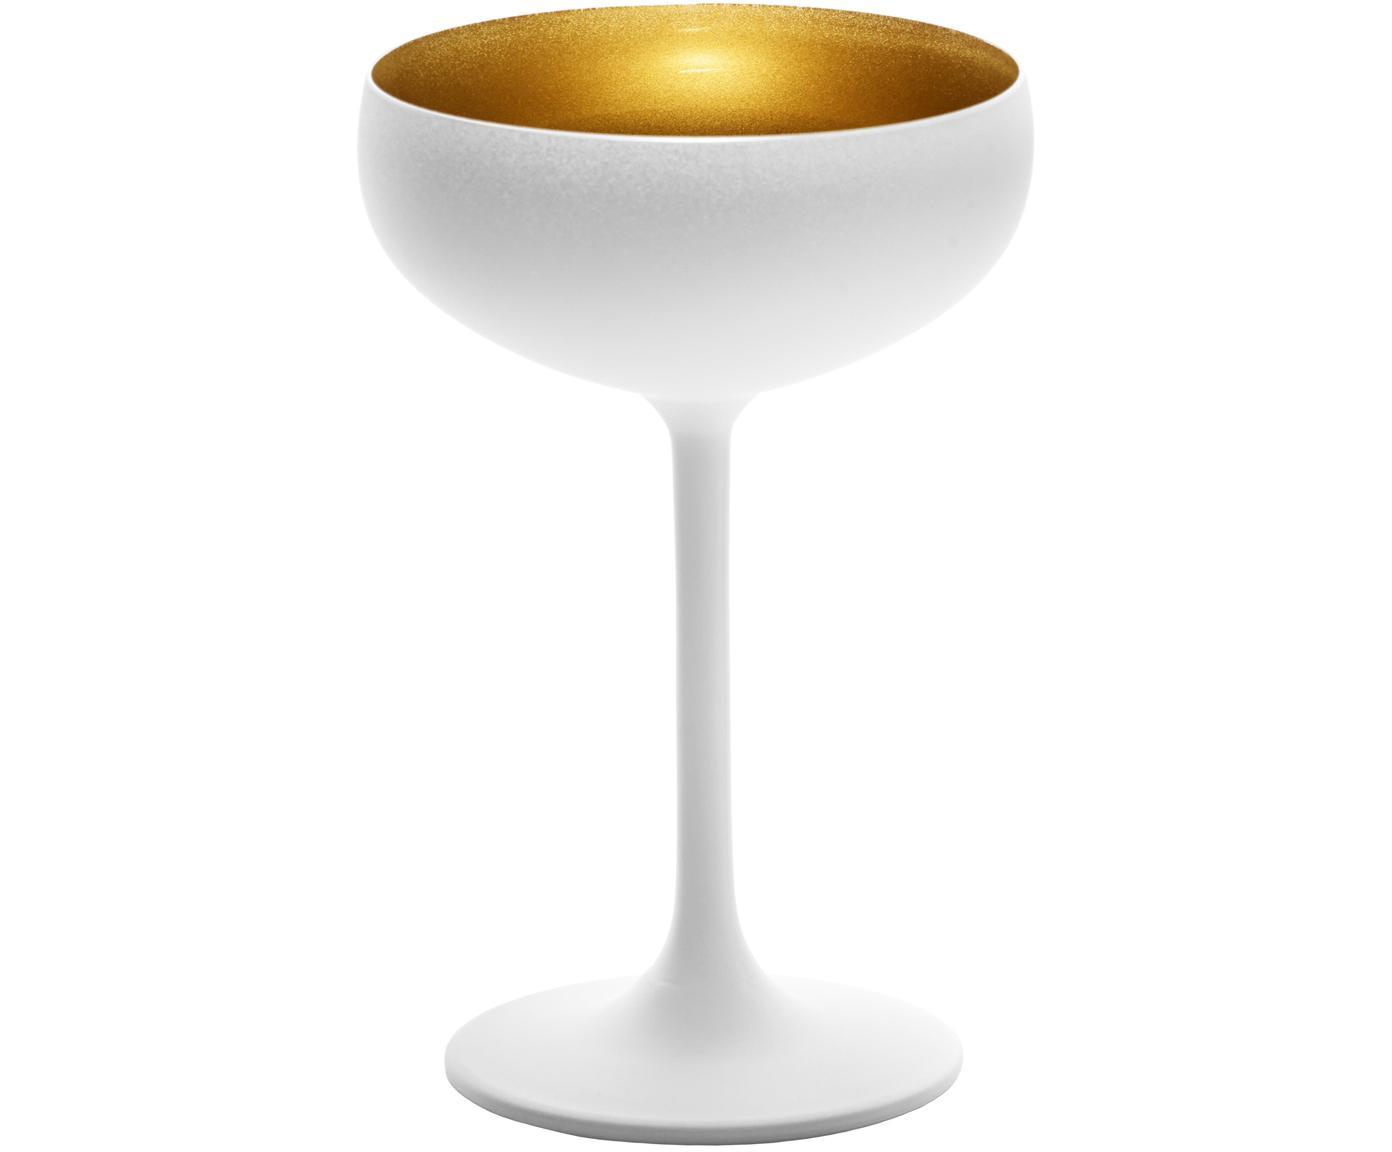 Coppa champagne in cristallo Elements 6 pz, Cristallo, rivestito, Bianco, ottonato, Ø 10 x Alt. 15 cm